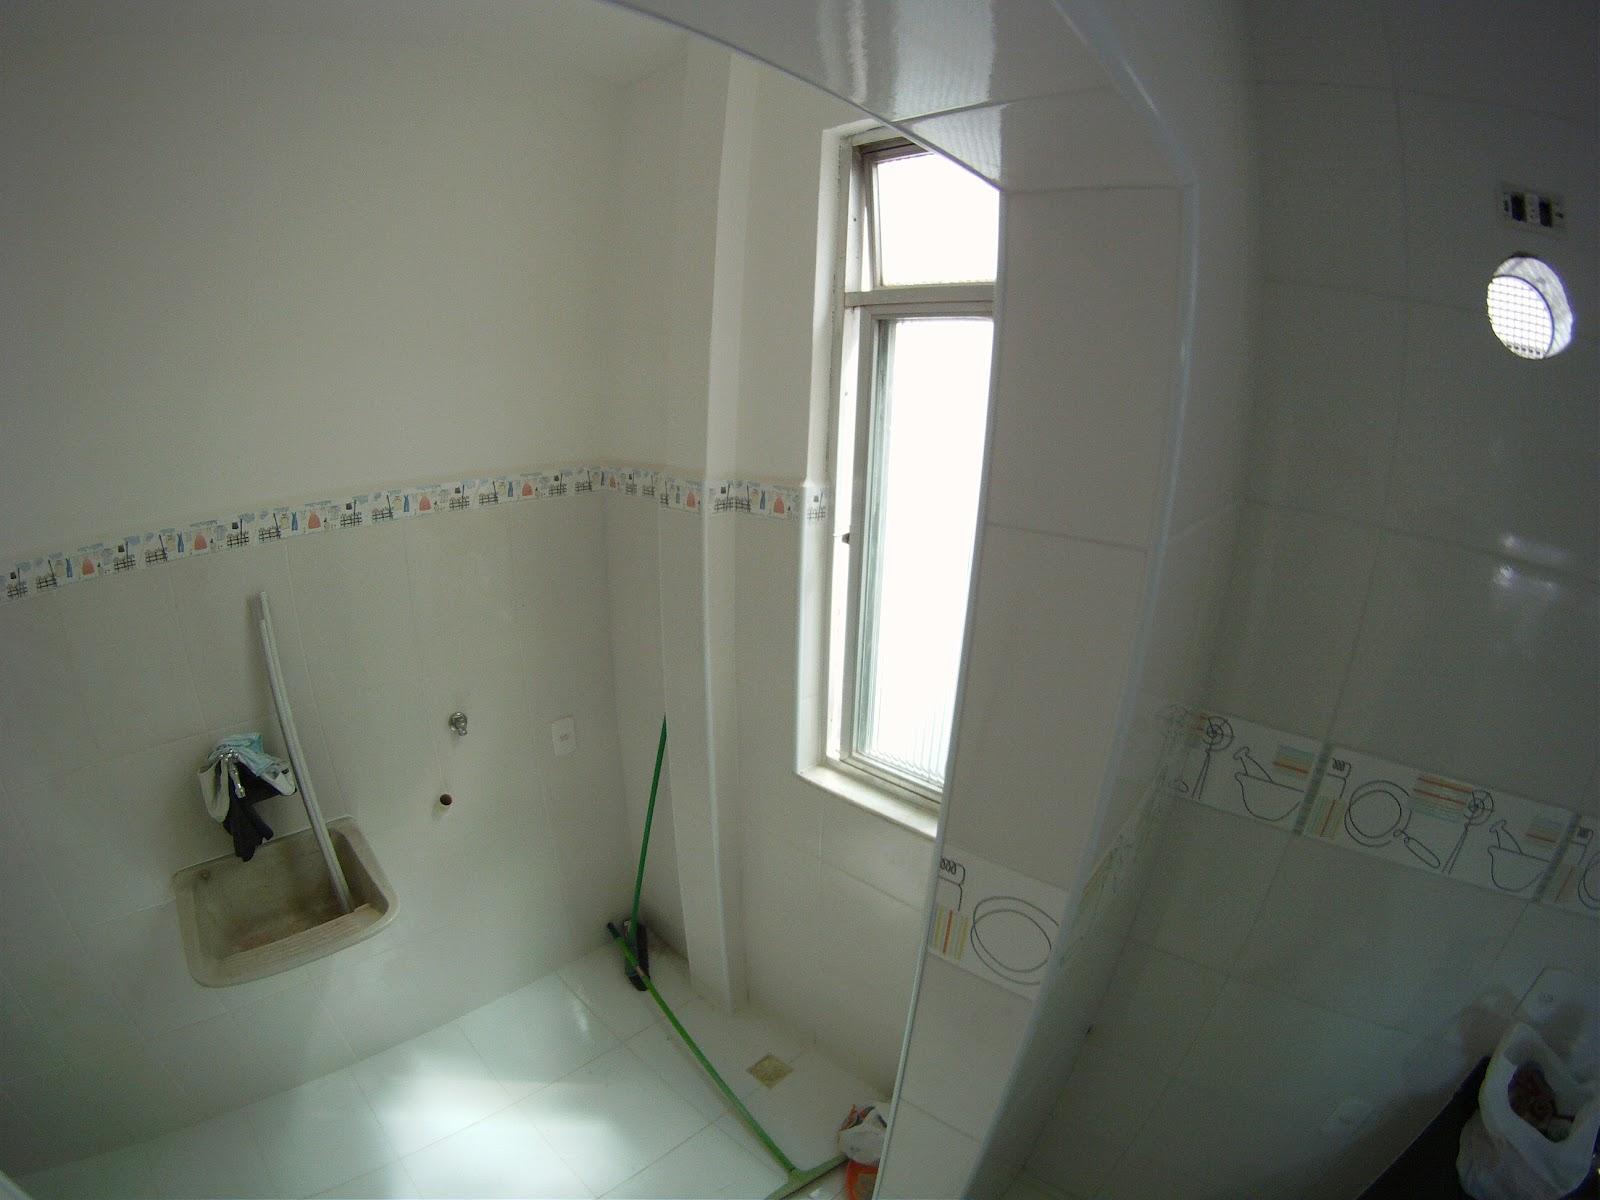 Imagens de #565875 Área de Serviço : nela temos o tanque (que será reformado) e faltam  1600x1200 px 3538 Blindex Banheiro Limpeza